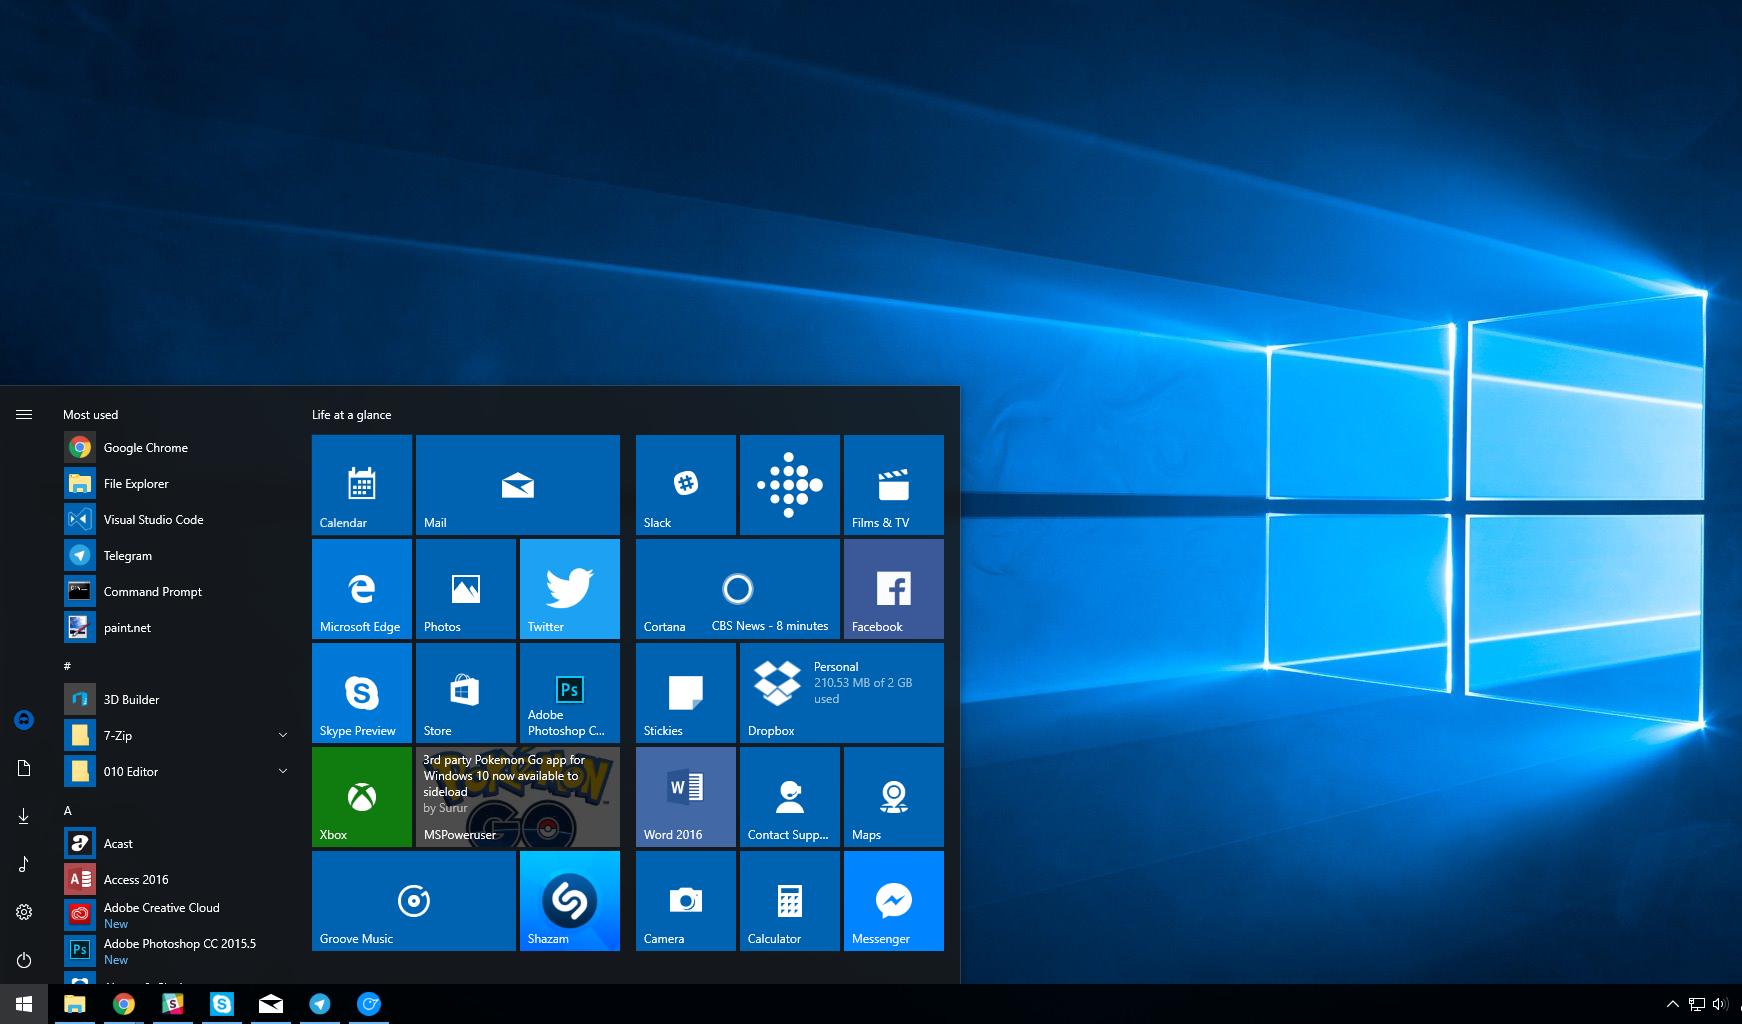 La build Windows 10 17074.1002 llega al anillo rápido con un fix para equipos AMD